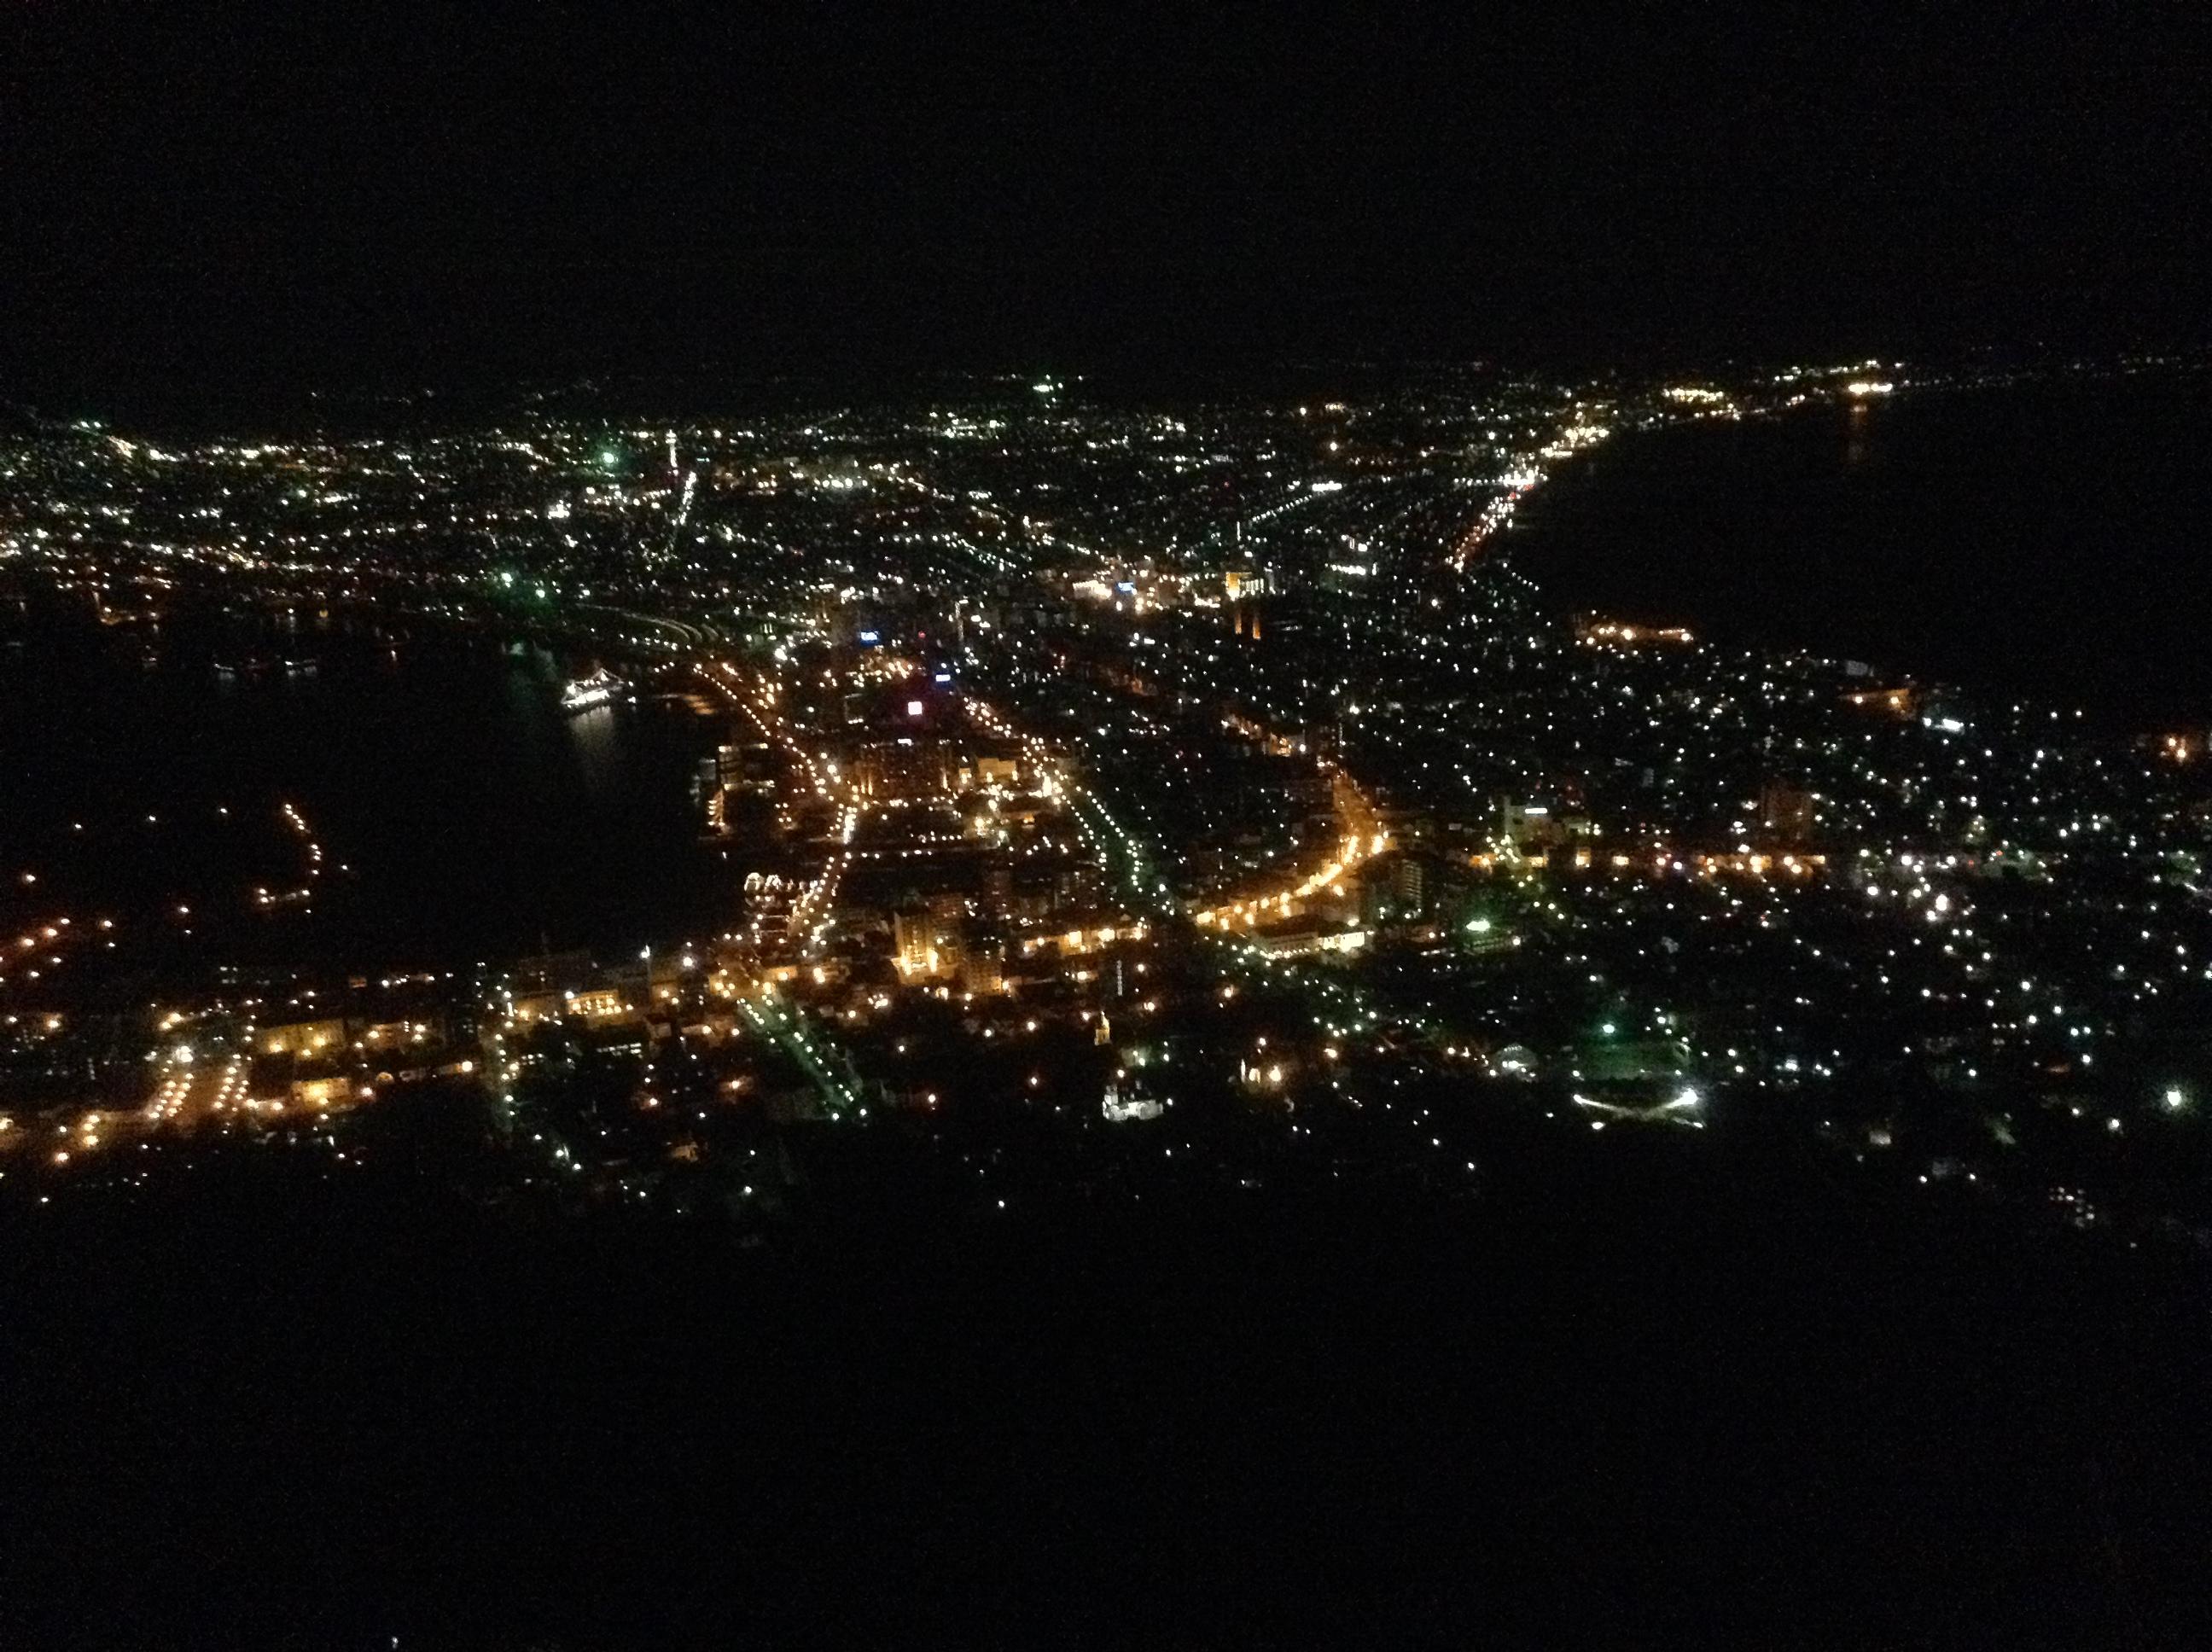 【北海道新幹線開業まであと少し】函館を巡る